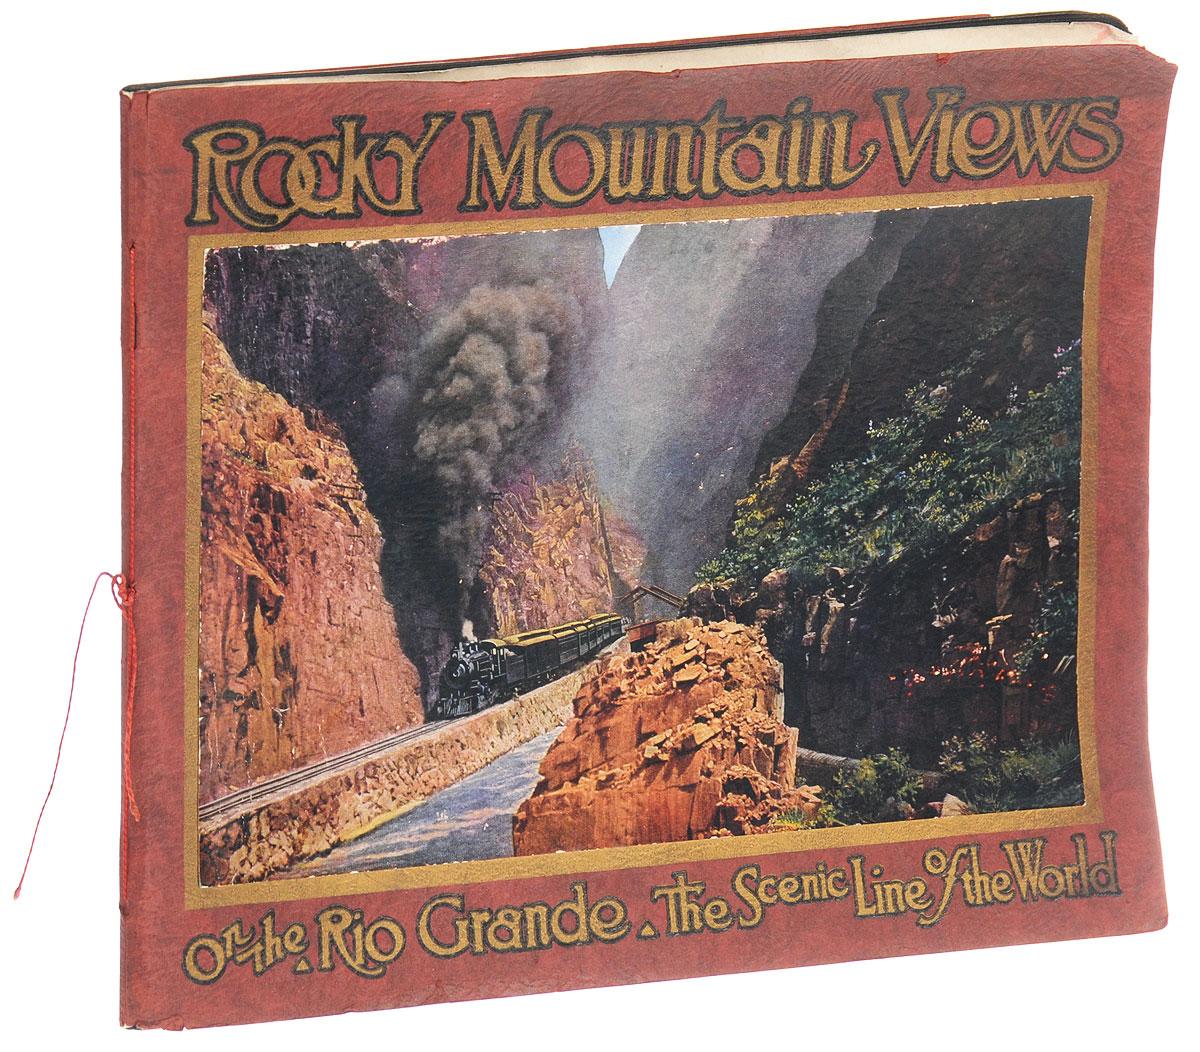 Rocky Mountain views. On the Rio Grande, Scenic Line of the WorldЕР023/1Денвер, 1917 год. Издательство The Smith-Brooks printing company. Типографская обложка.Сохранность хорошая.Роки-Маунтин - национальный парк США, находится к северо-западу от Боулдер в Колорадо. Он известен своими видами на Скалистые горы, а также своей фауной и флорой.Живописные ландшафты Скалистых горзавораживают и манят своей красотой. Тот, кто действительно любит горы, никогда не сможет удержаться при виде восхитительных горных пейзажей, кристально чистых рек и озер. Вниманию читателей предлагается альбом, в котором собраны 23 цветные фотографии с видами Скалистых гор в Роки-Маунтин.Не подлежит вывозу за пределы Российской Федерации.